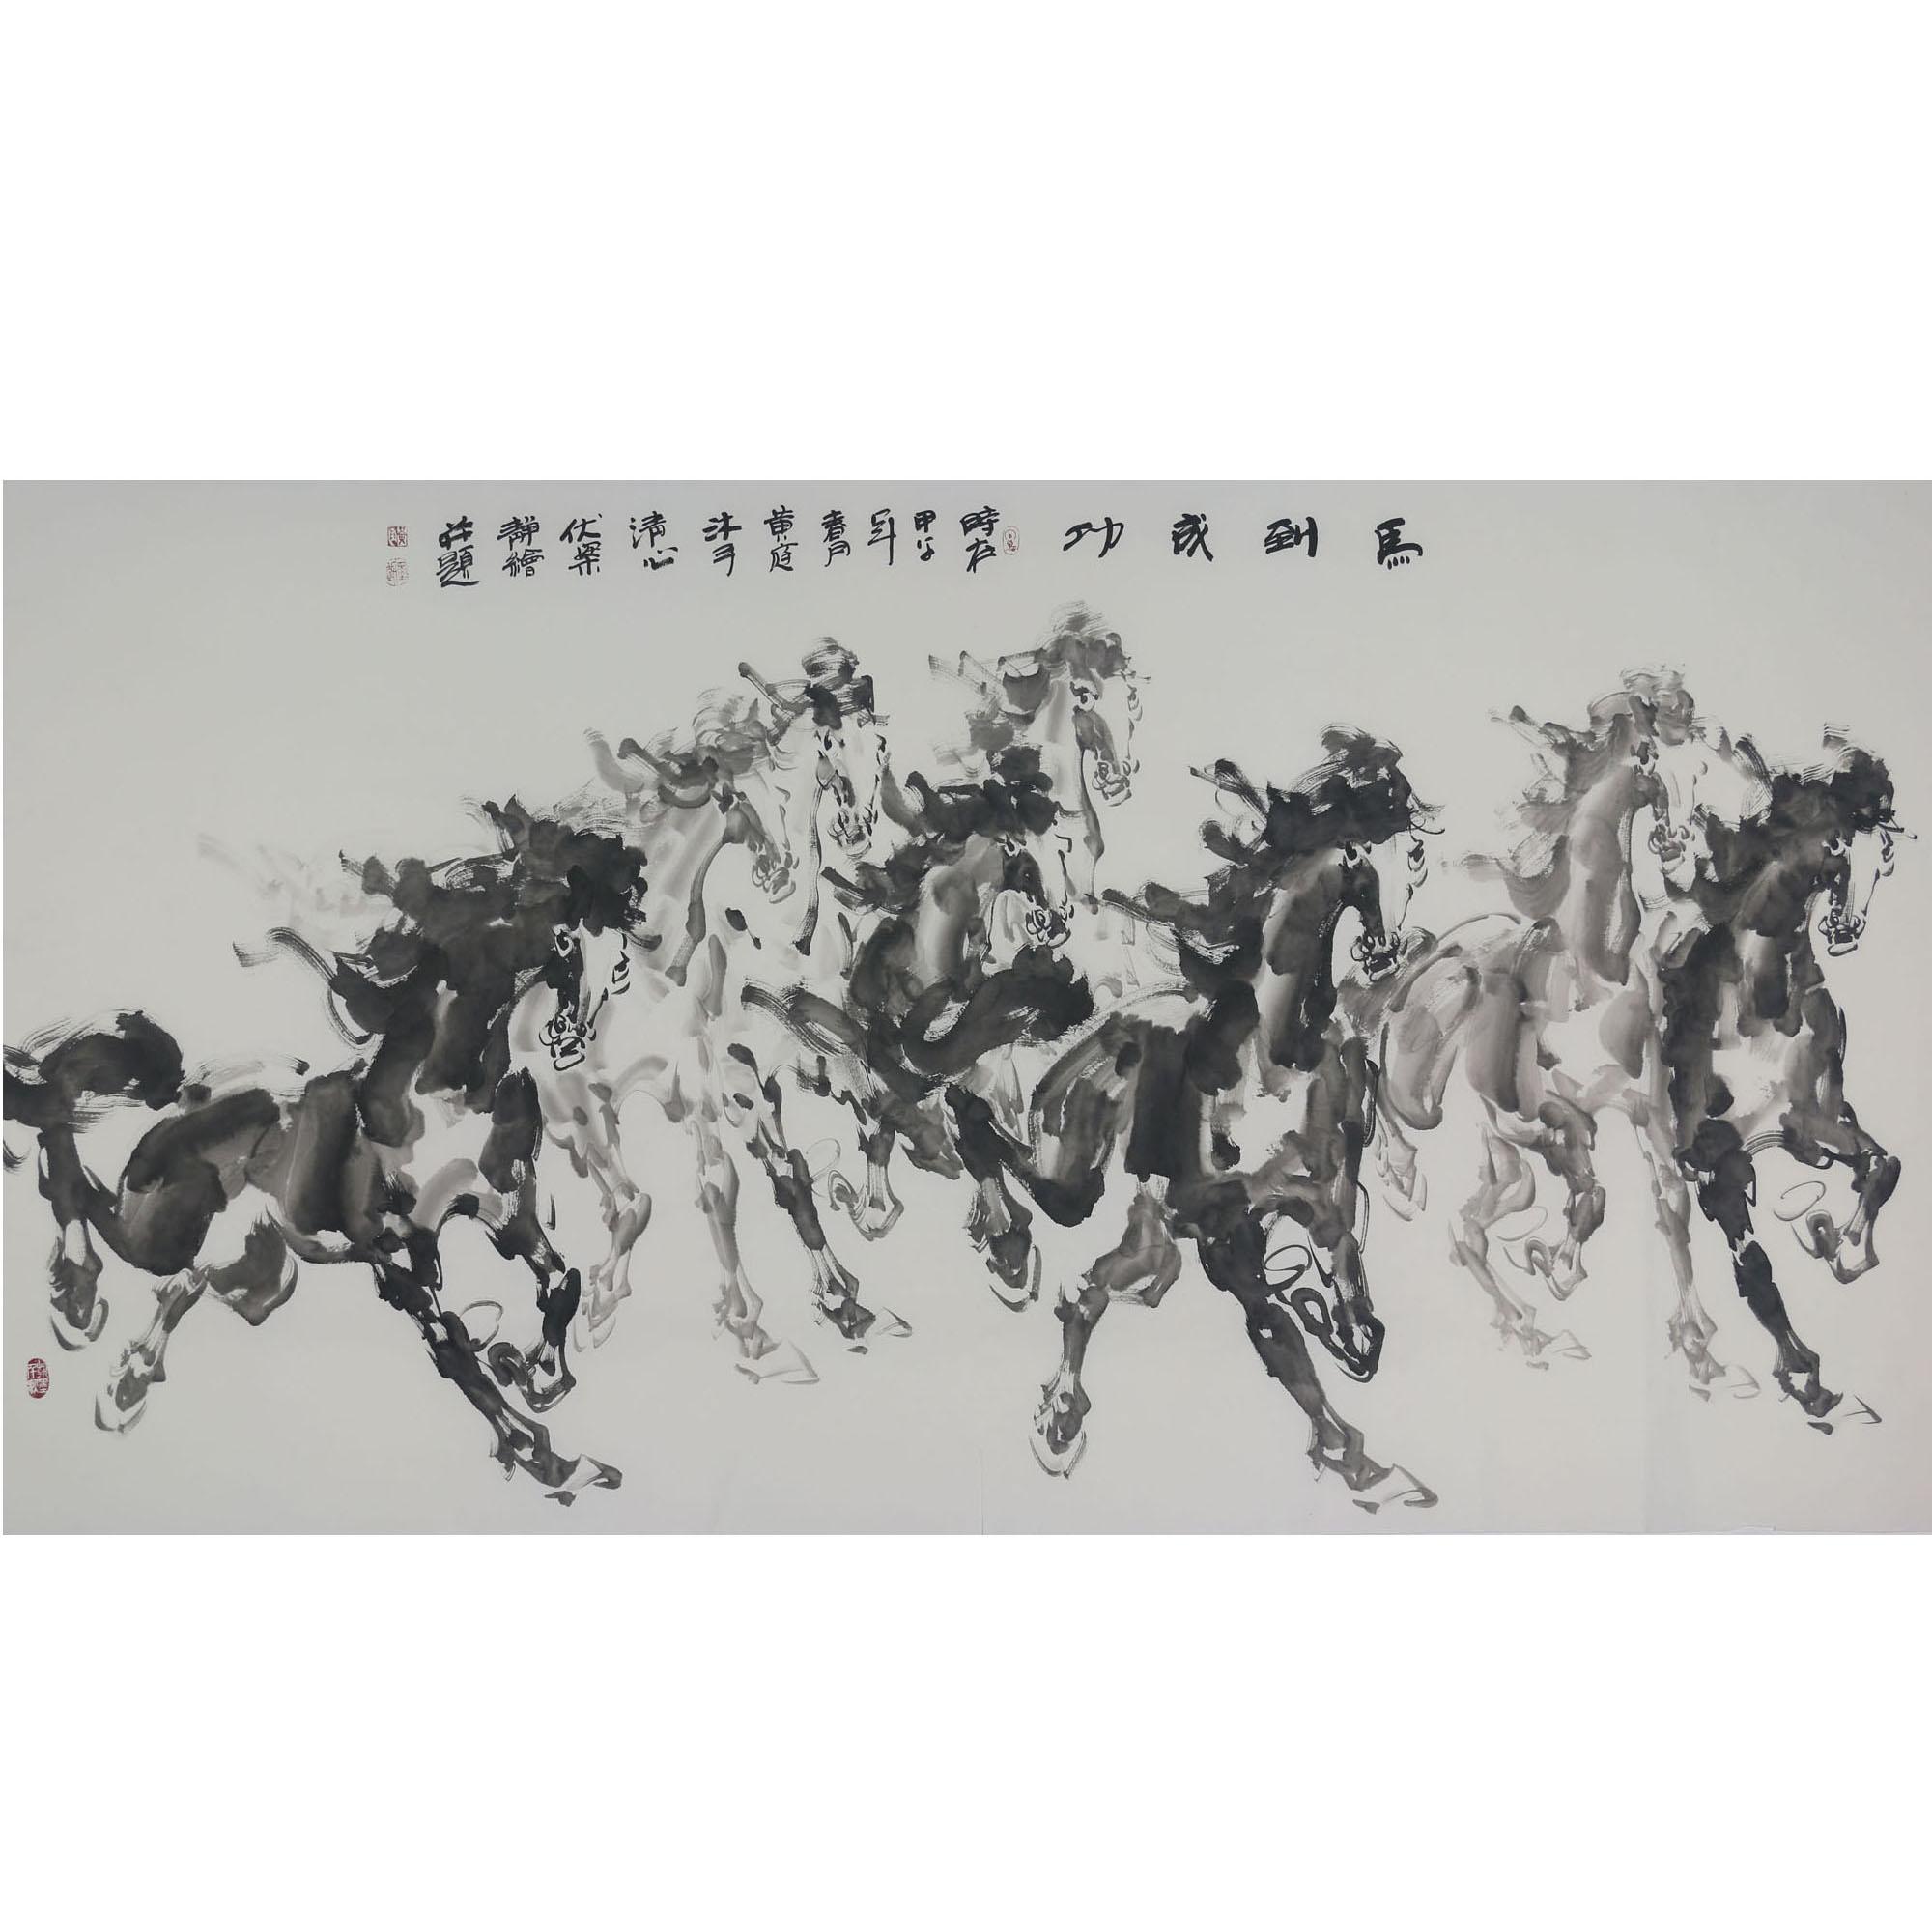 黃庭真跡作品國畫裝飾畫八駿圖大六尺橫幅水墨馬到成功辦公室書畫